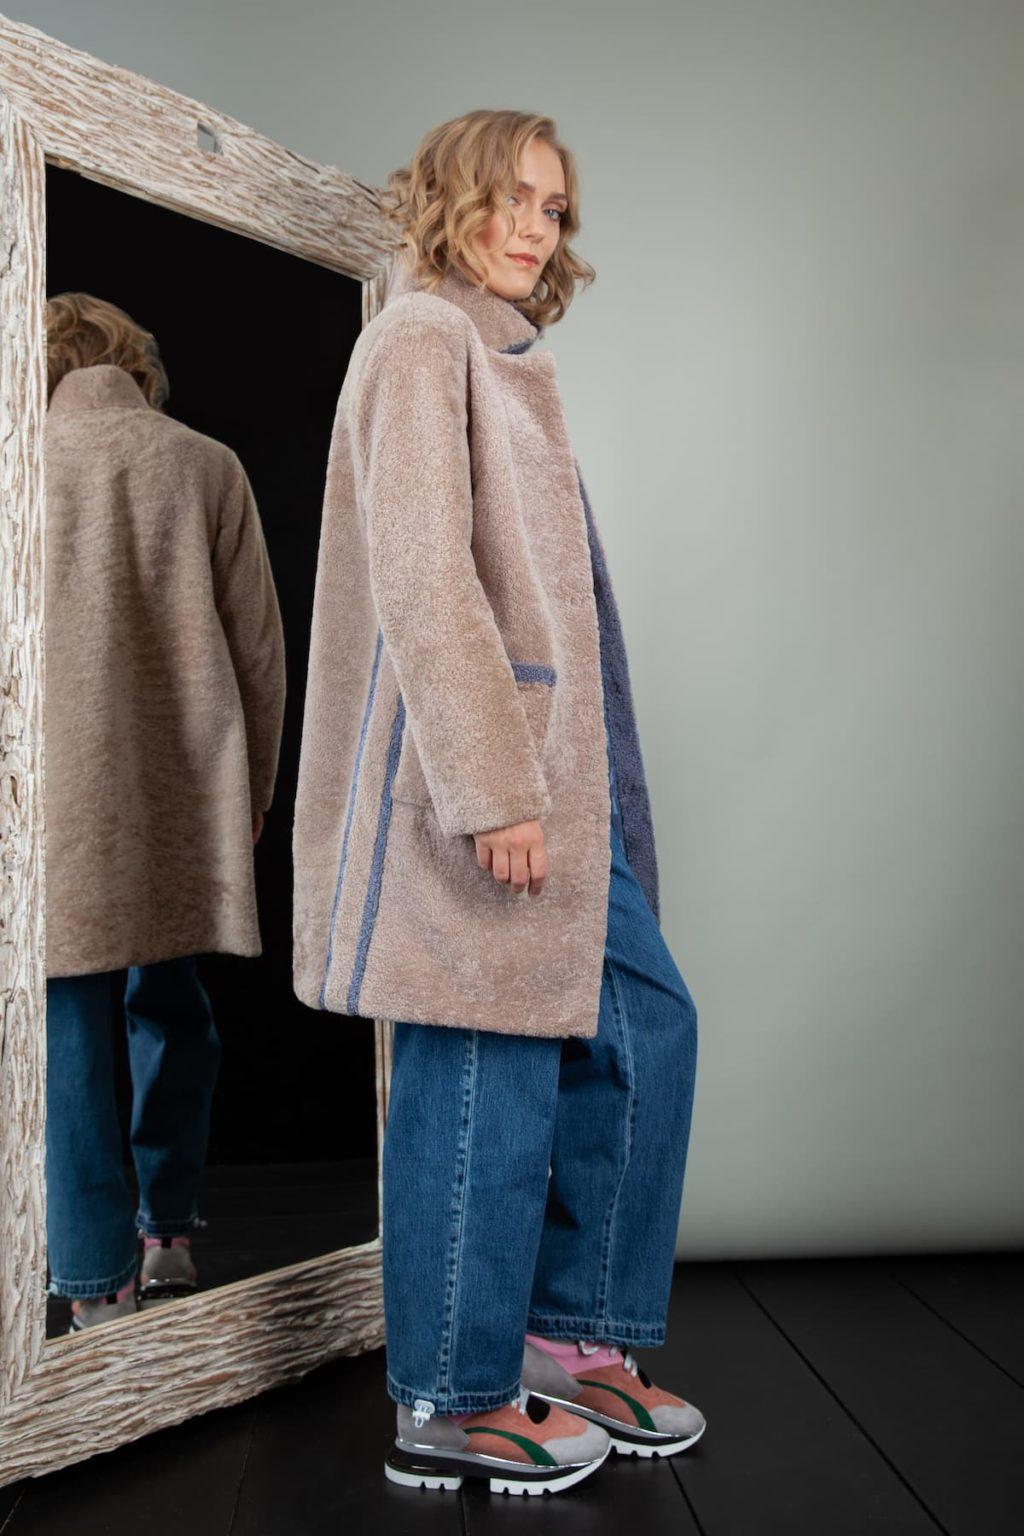 beige sheepskin coat with blue fur stripes for women